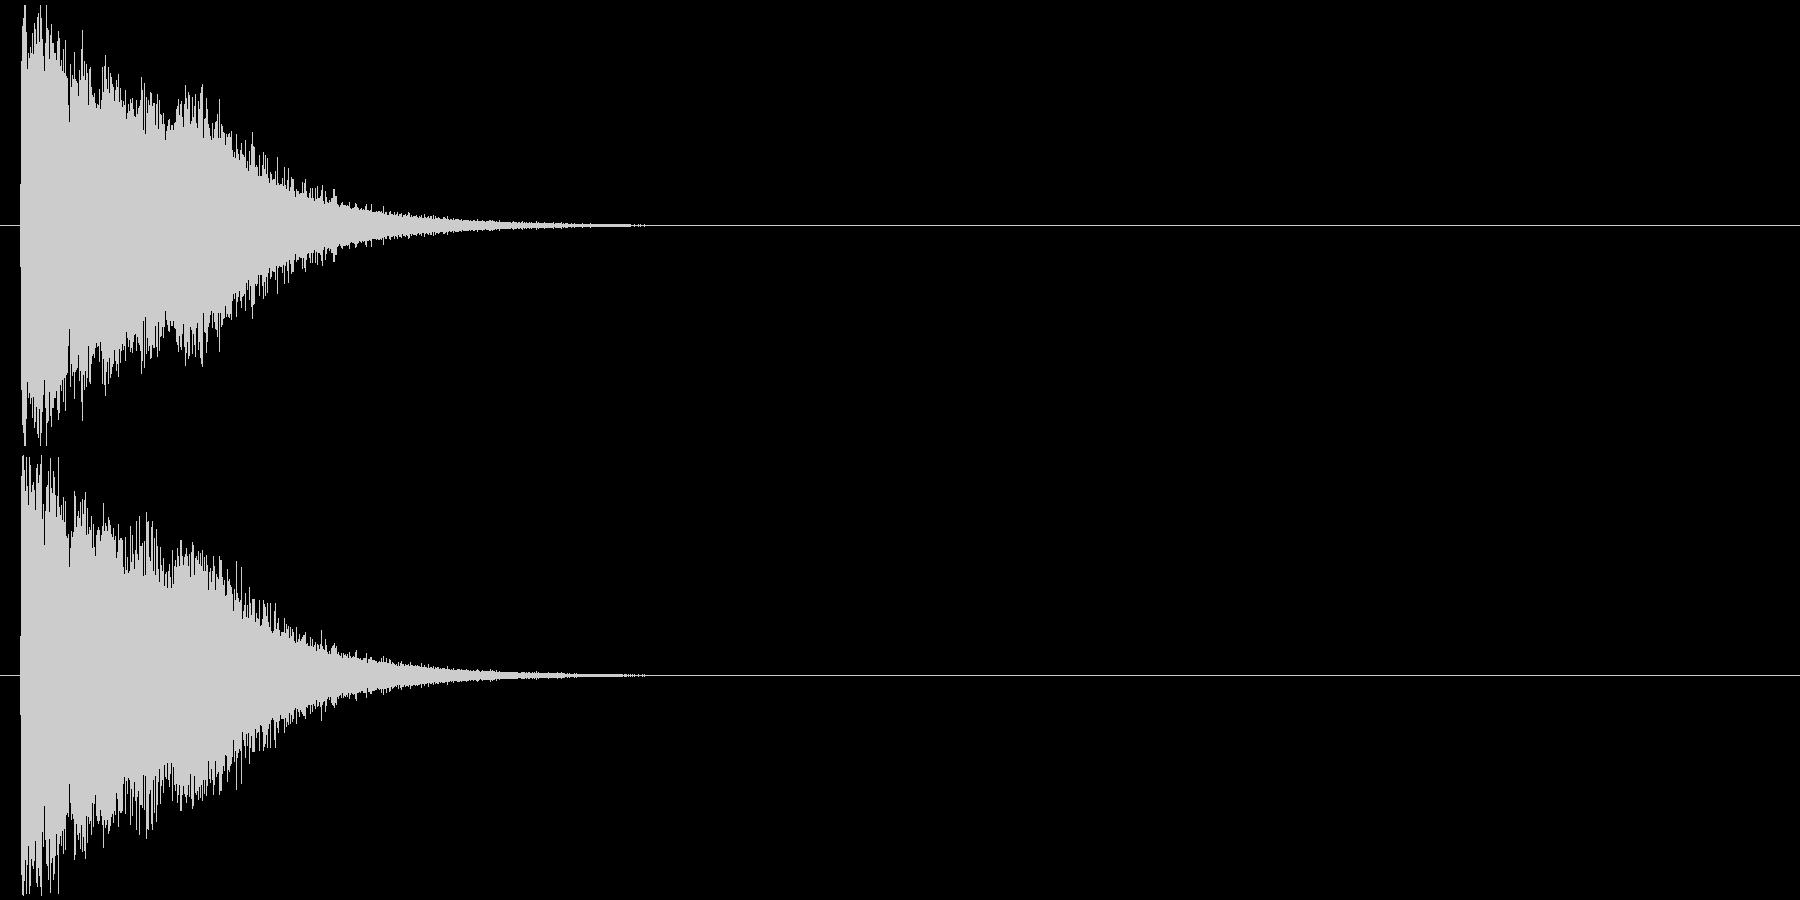 ピキューン 電気、雷撃、レーザー発射の未再生の波形